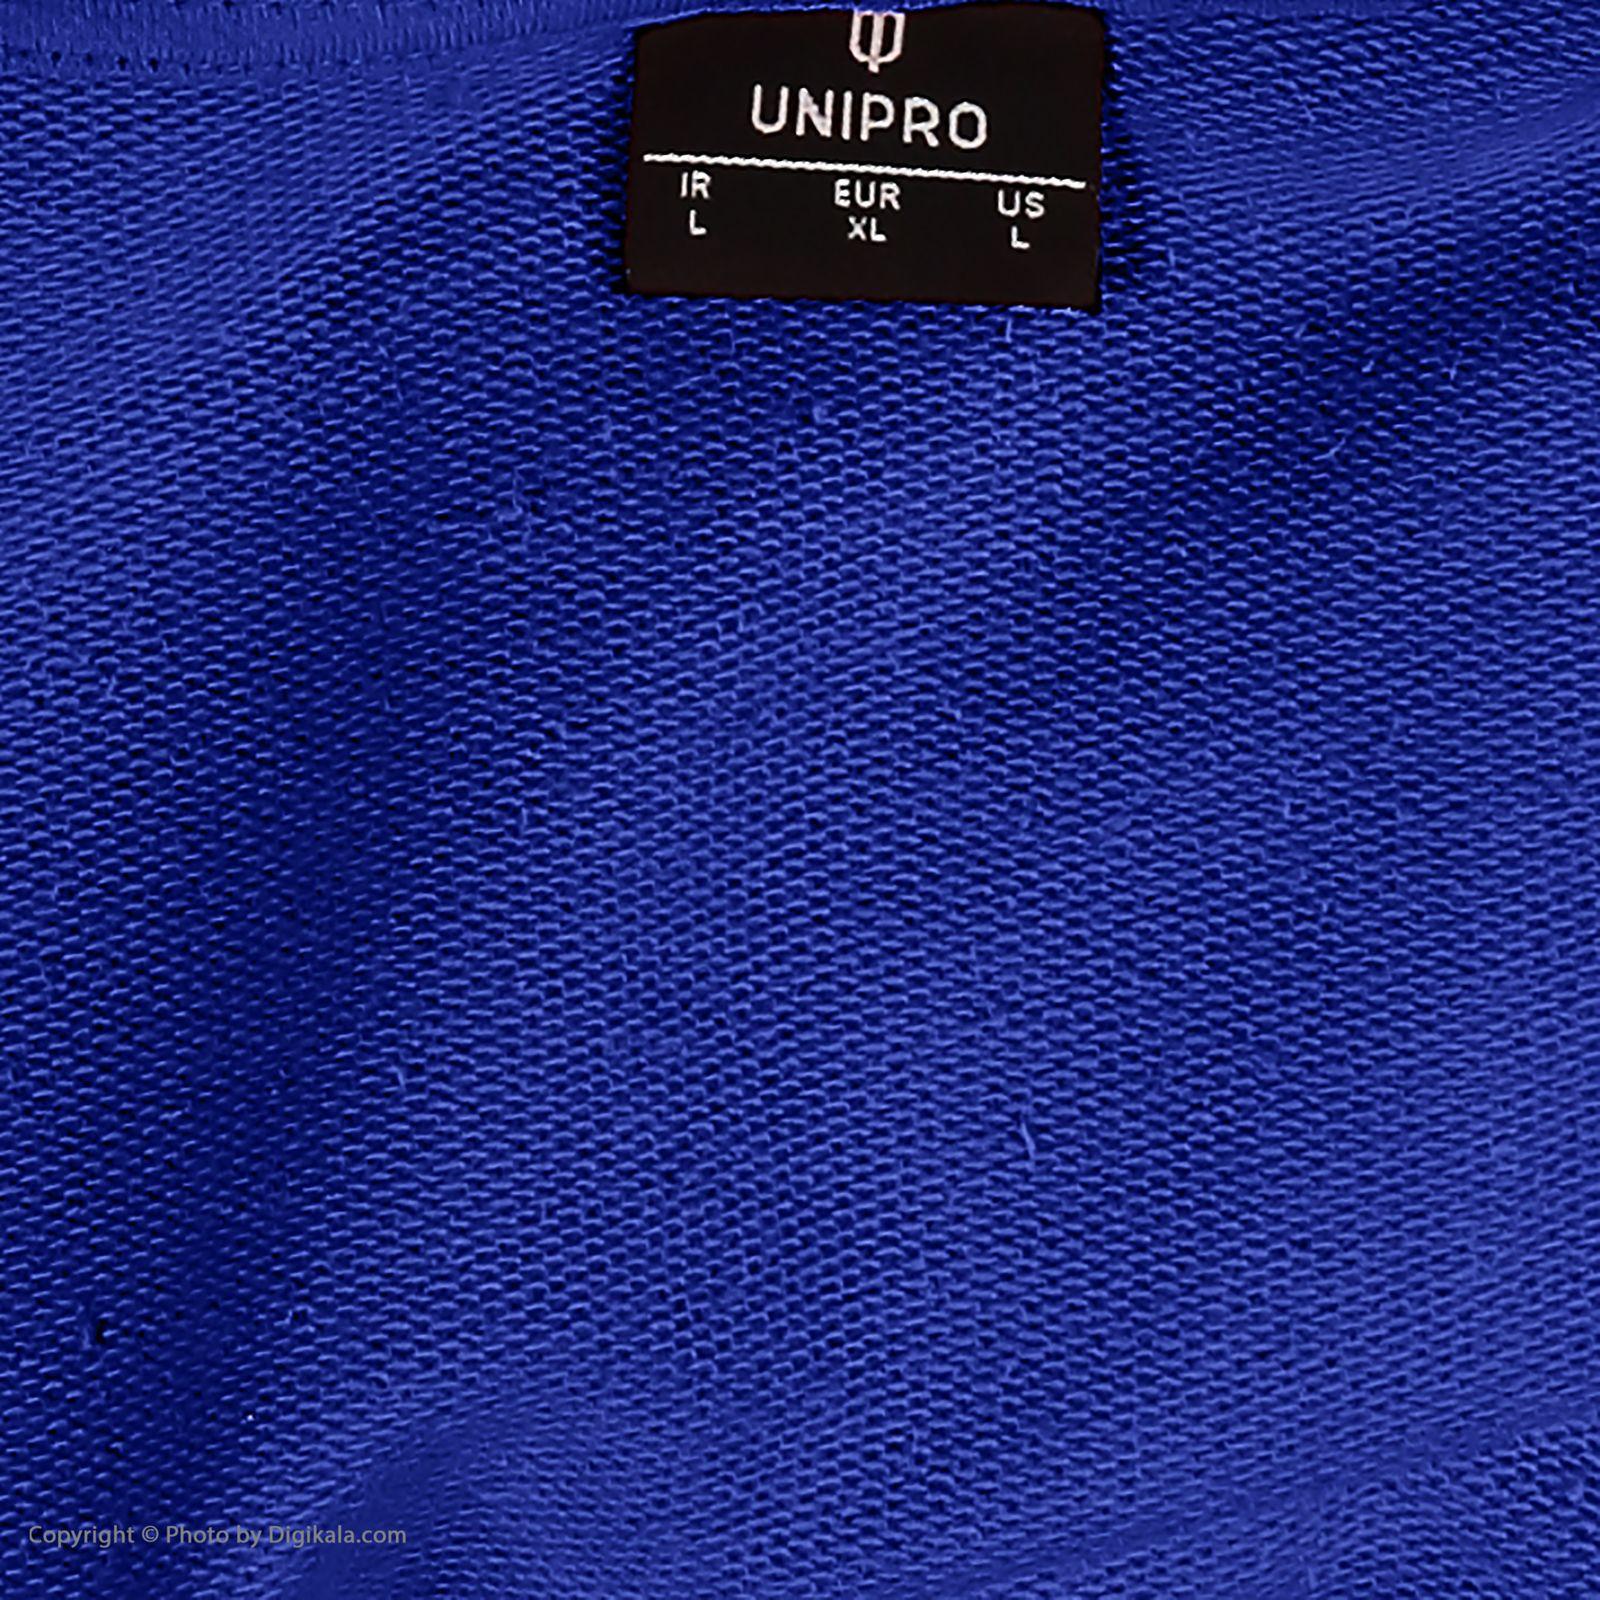 هودی ورزشی مردانه یونی پرو مدل 914159308-10 -  - 6